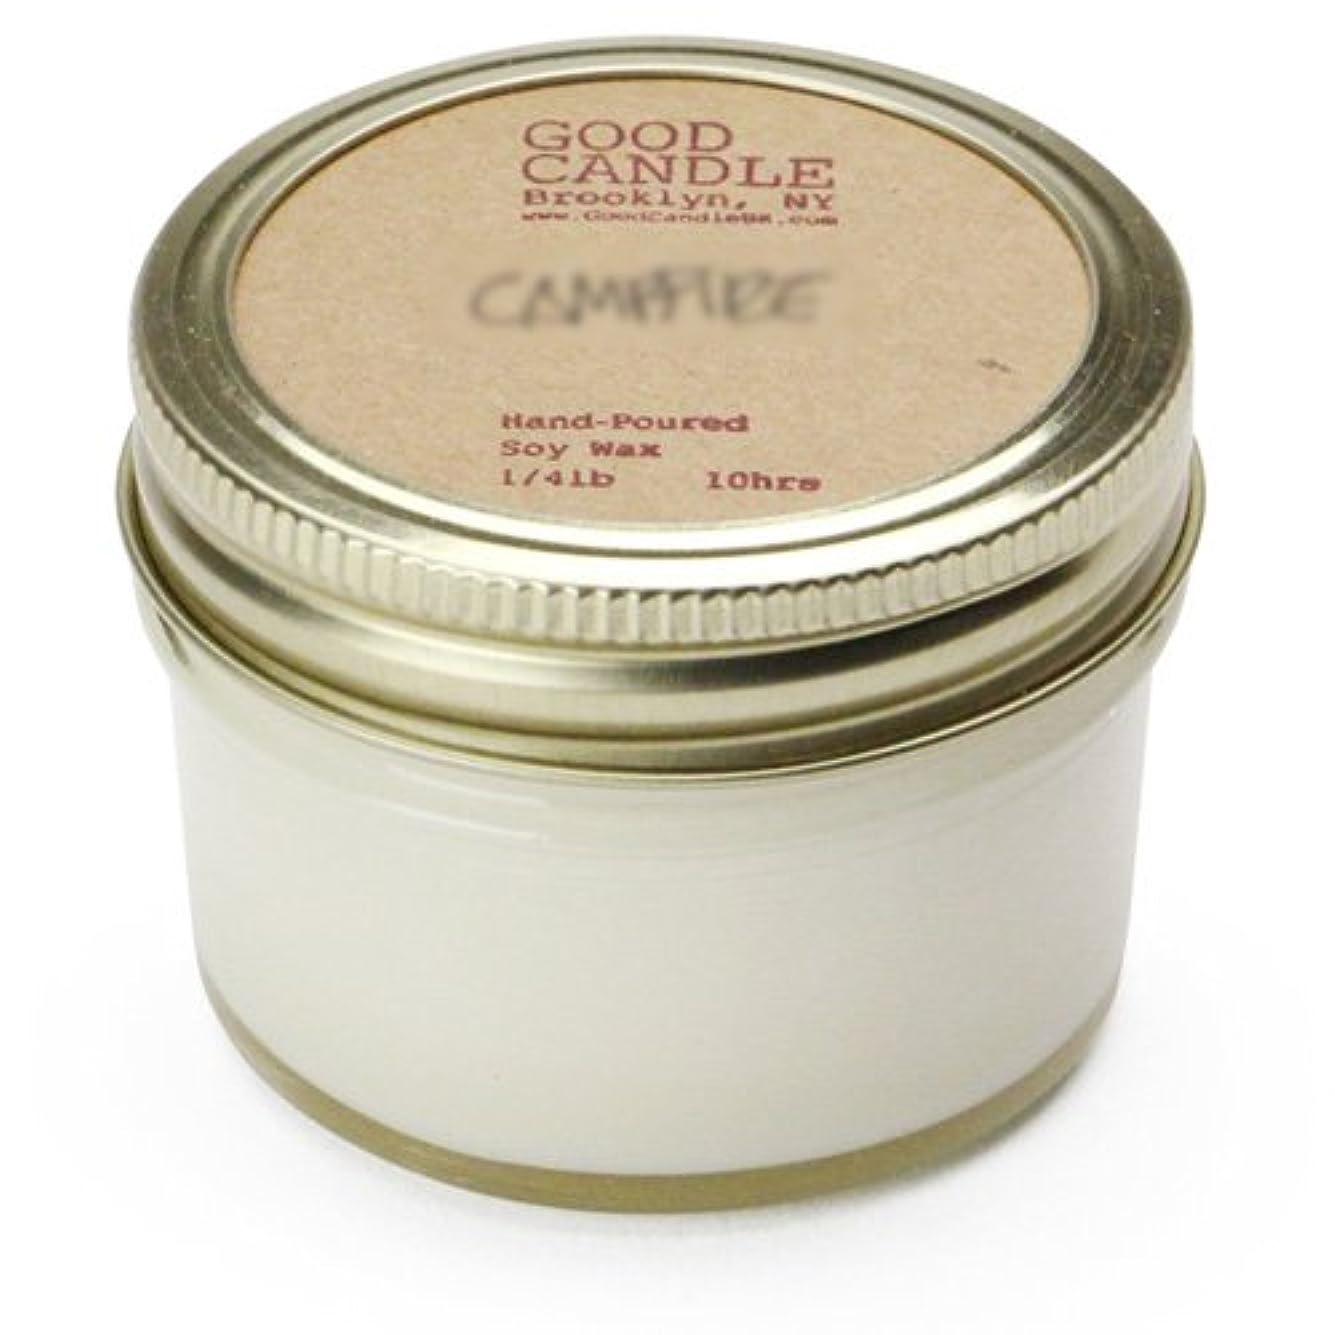 日曜日アクチュエータストライクグッドキャンドル 1/4ポンド ゼリージャー キャンドル Good Candle 1/4LB Jelly jar candle [ Wash board ] 正規品